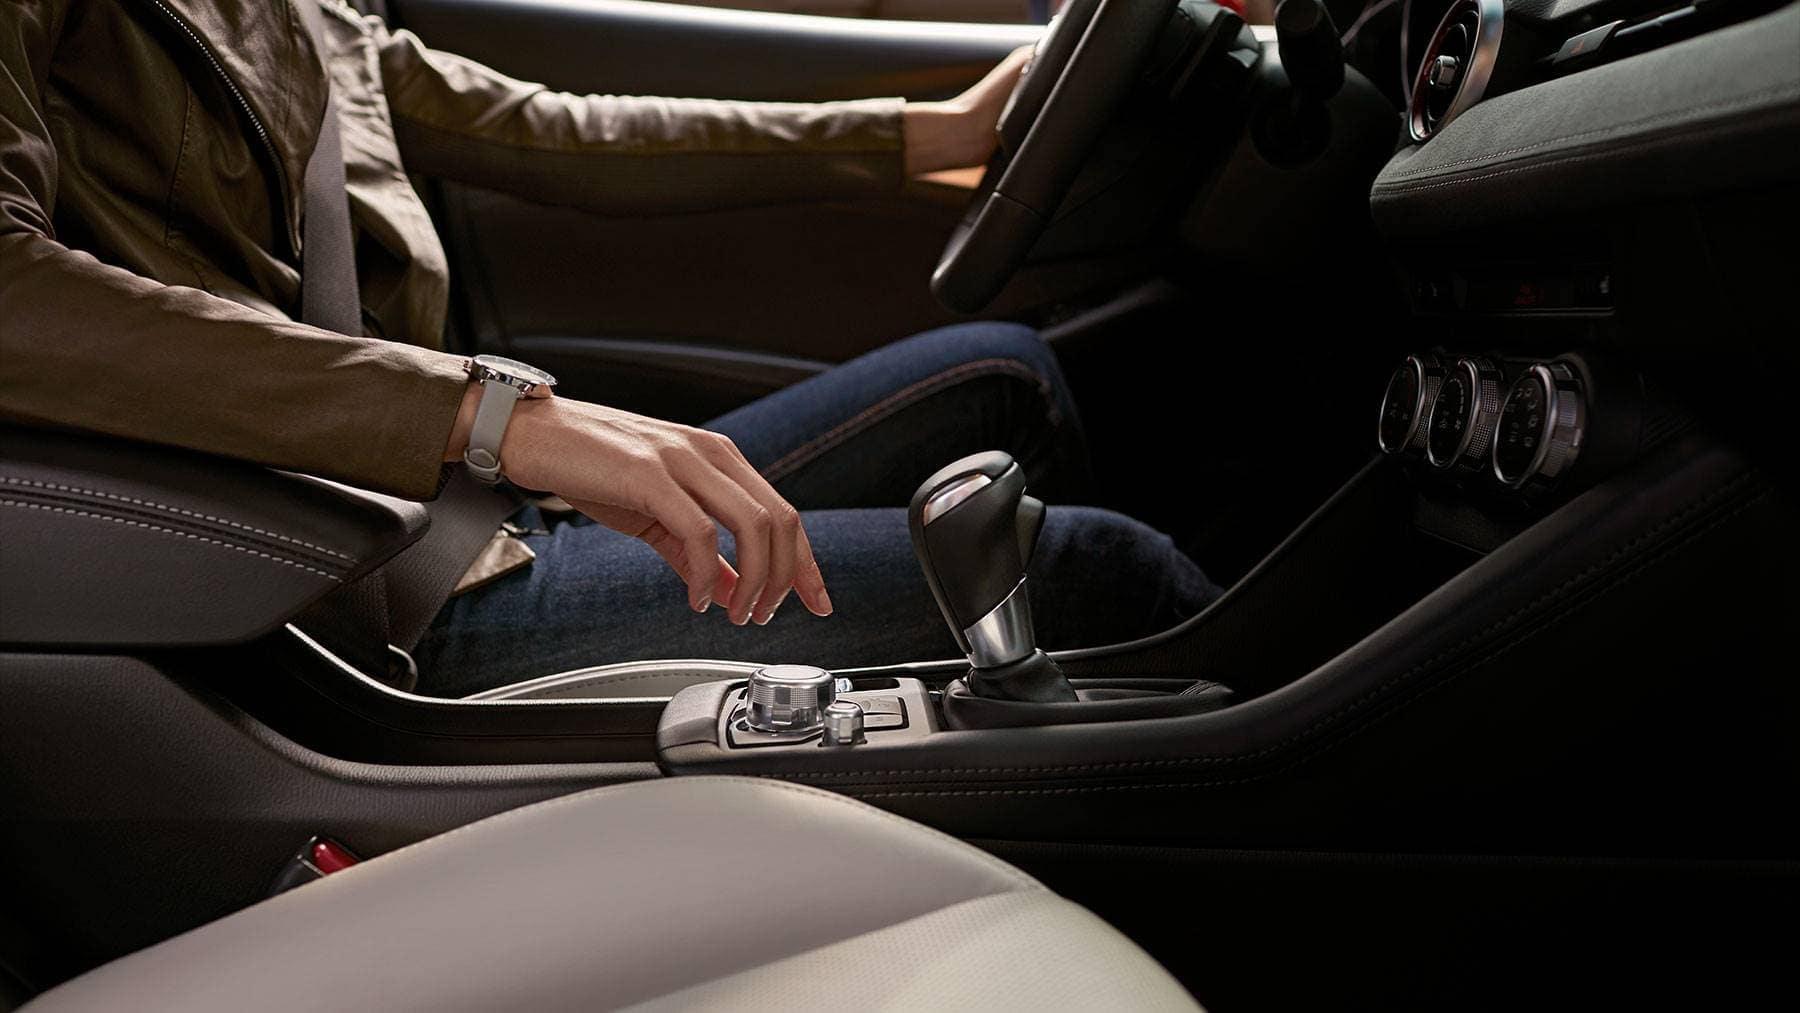 2019 Mazda CX-3 interior console